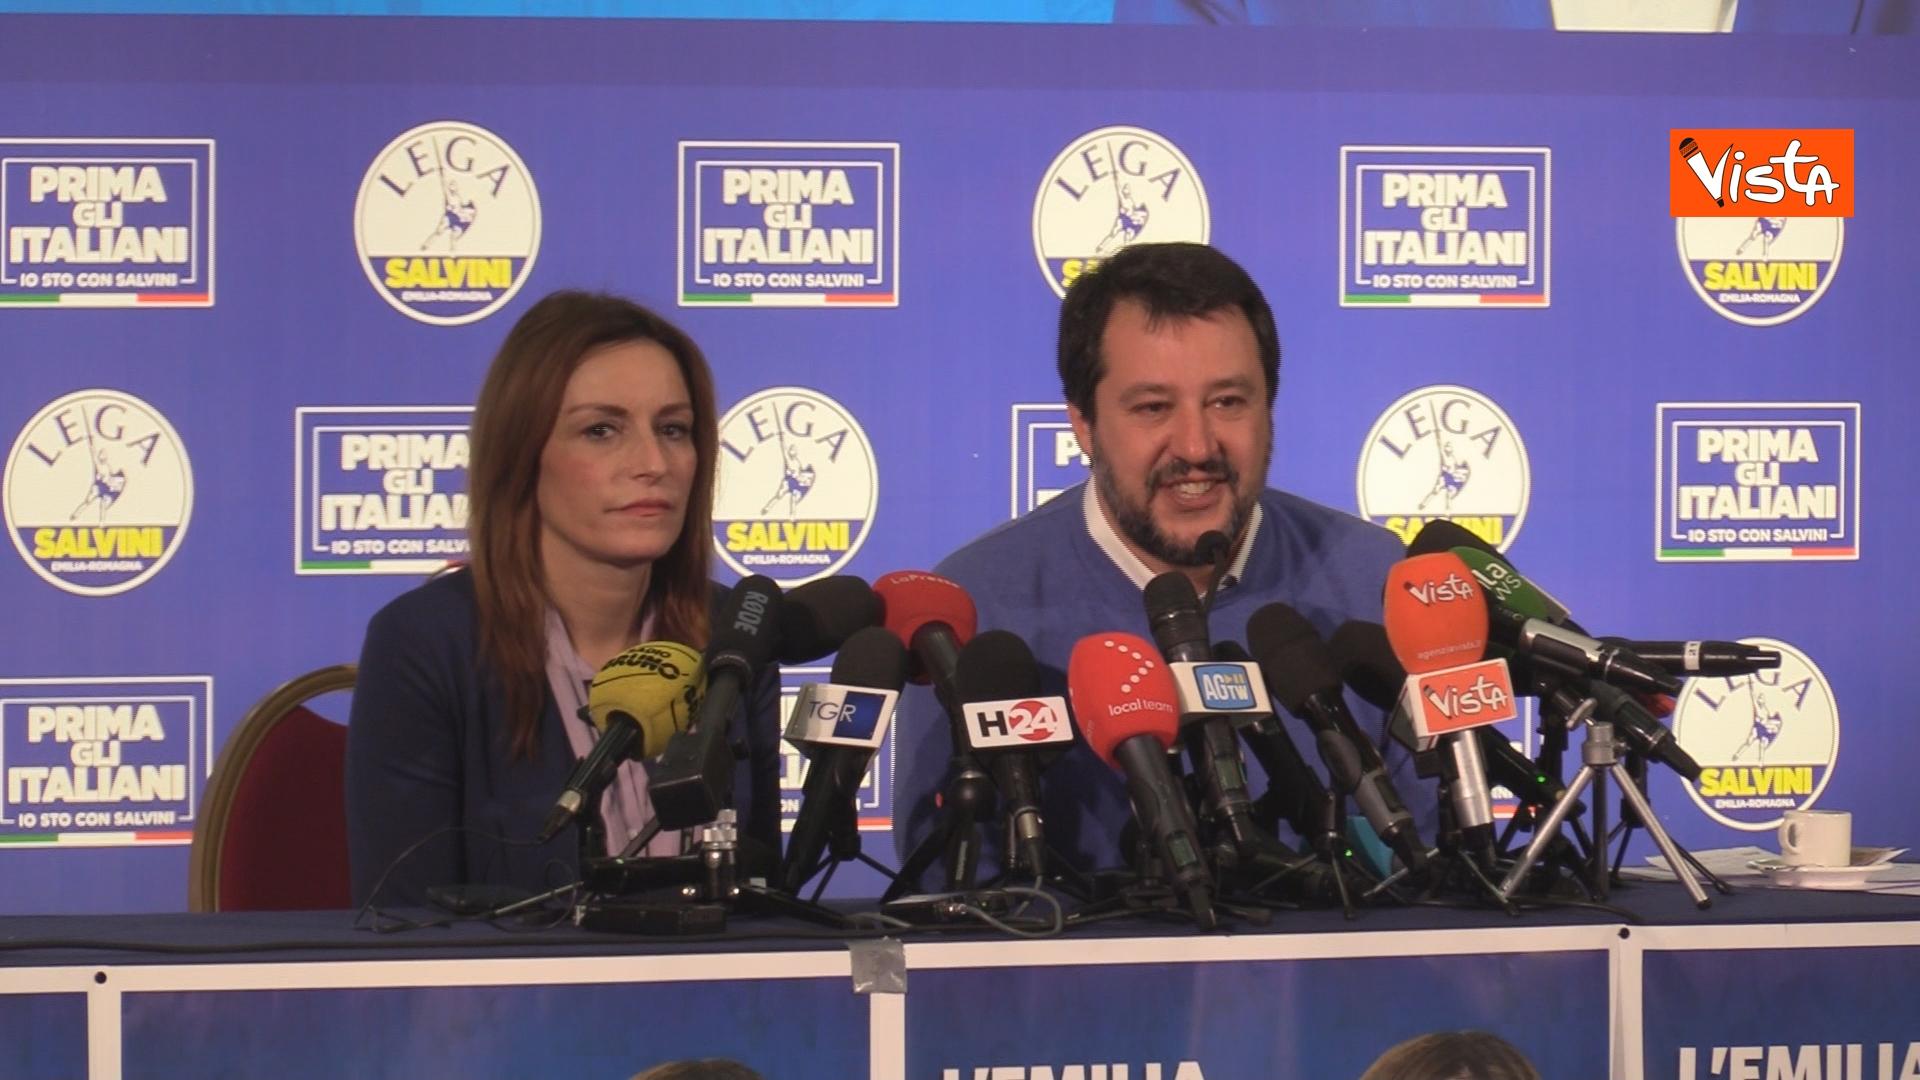 27-01-20 Salvini e Borgonzoni in conferenza stampa sul risultato del voto in Emilia-Romagna, le immagini_08